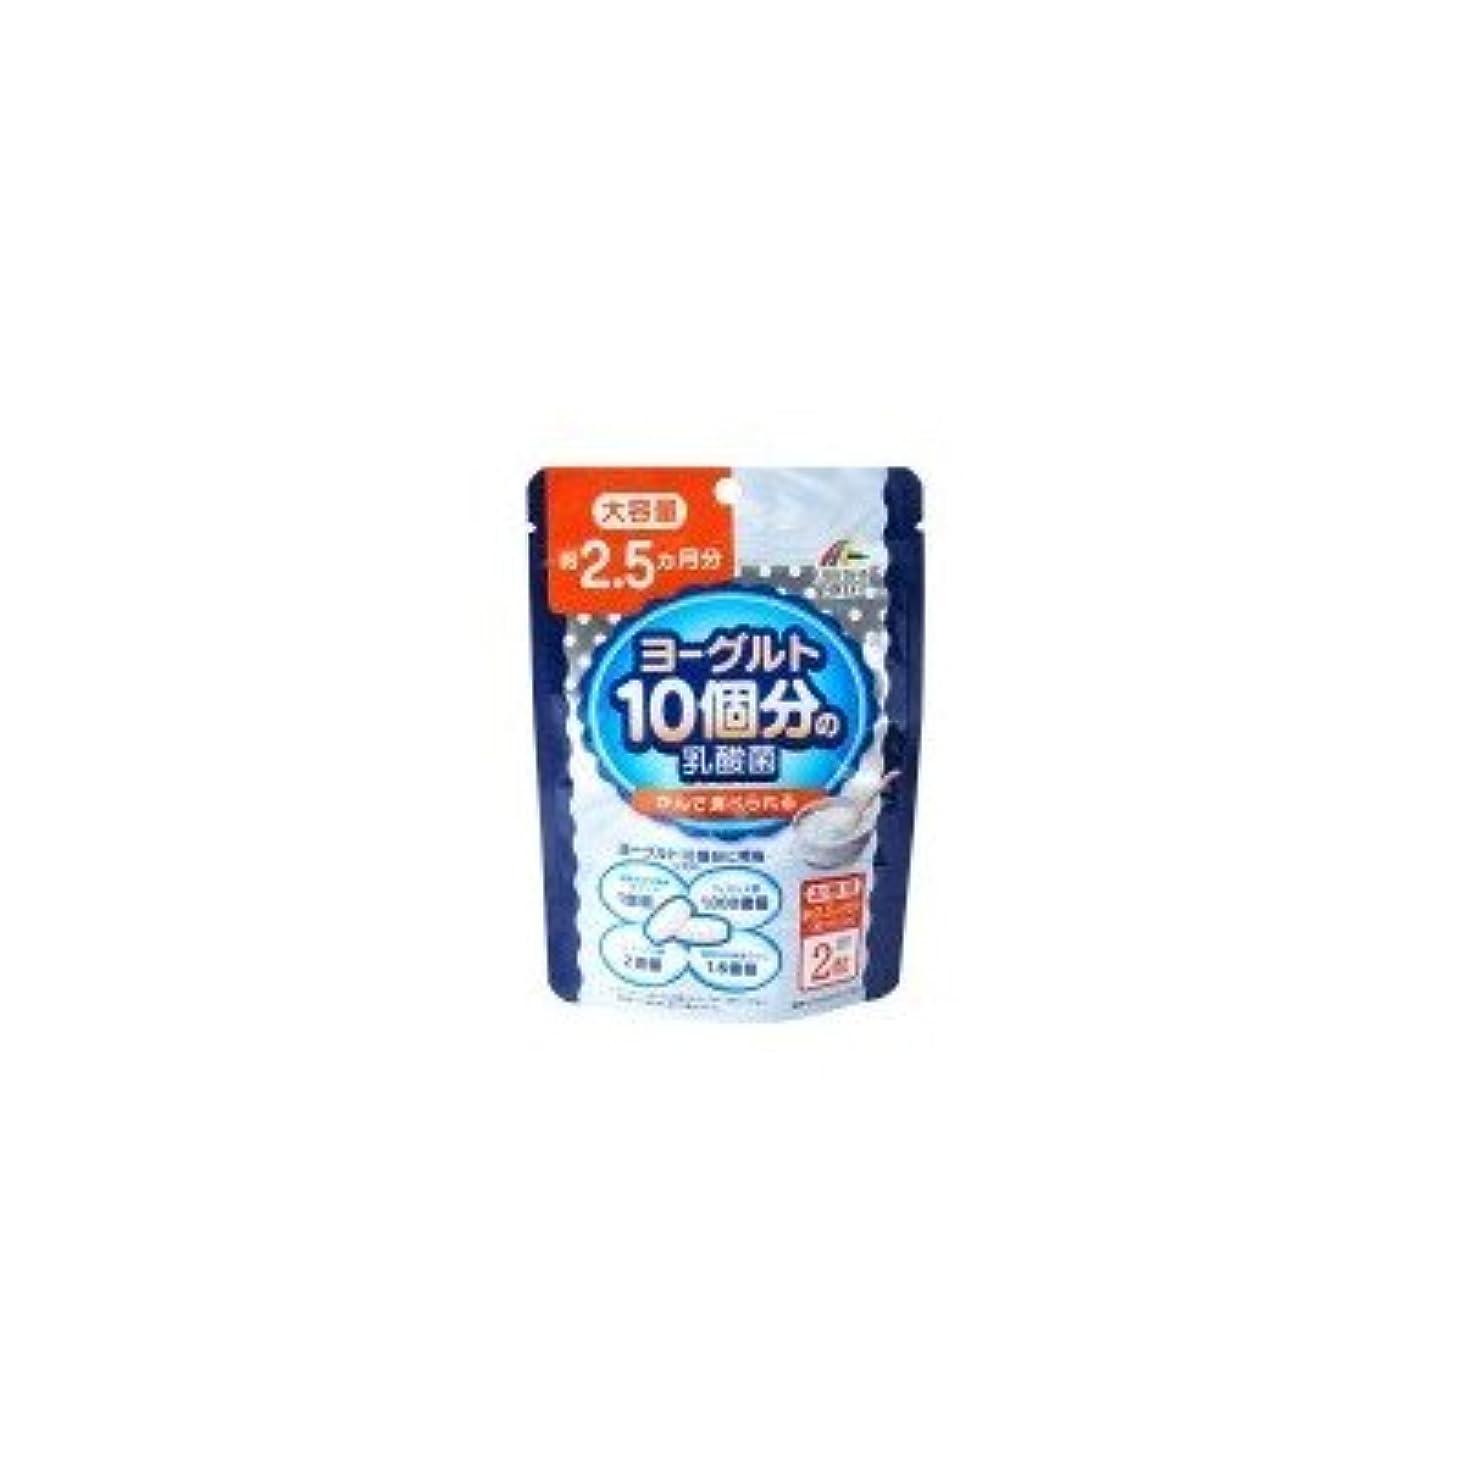 水平絶壁パケットヨーグルト10個分の乳酸菌 大容量 30.8g(200mg×154粒)